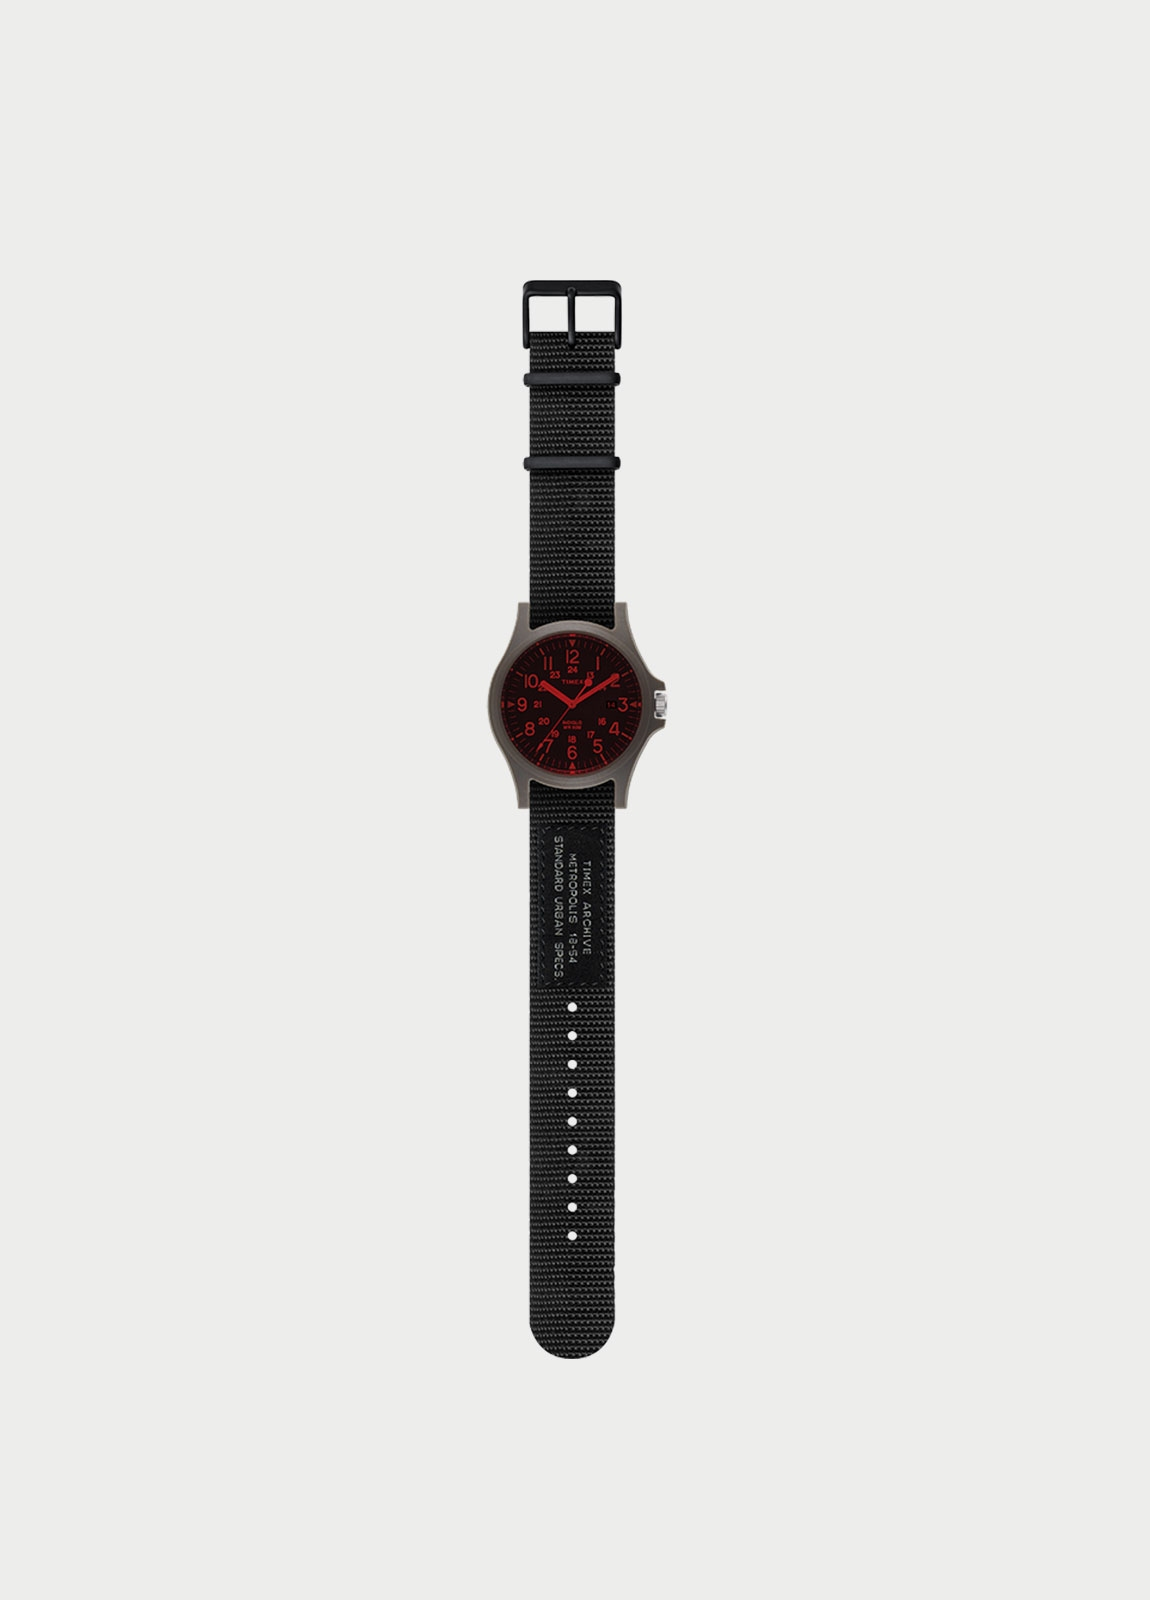 Correa de nylón Reloj TIMEX de 20 mm, color negro. (la caja reloj se vende por separado)